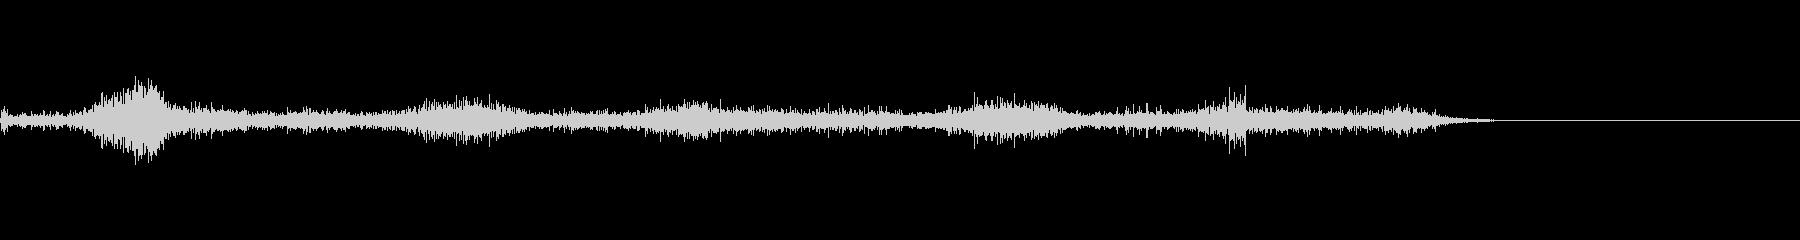 1「暗い、なんとなく恐ろしい音」の未再生の波形